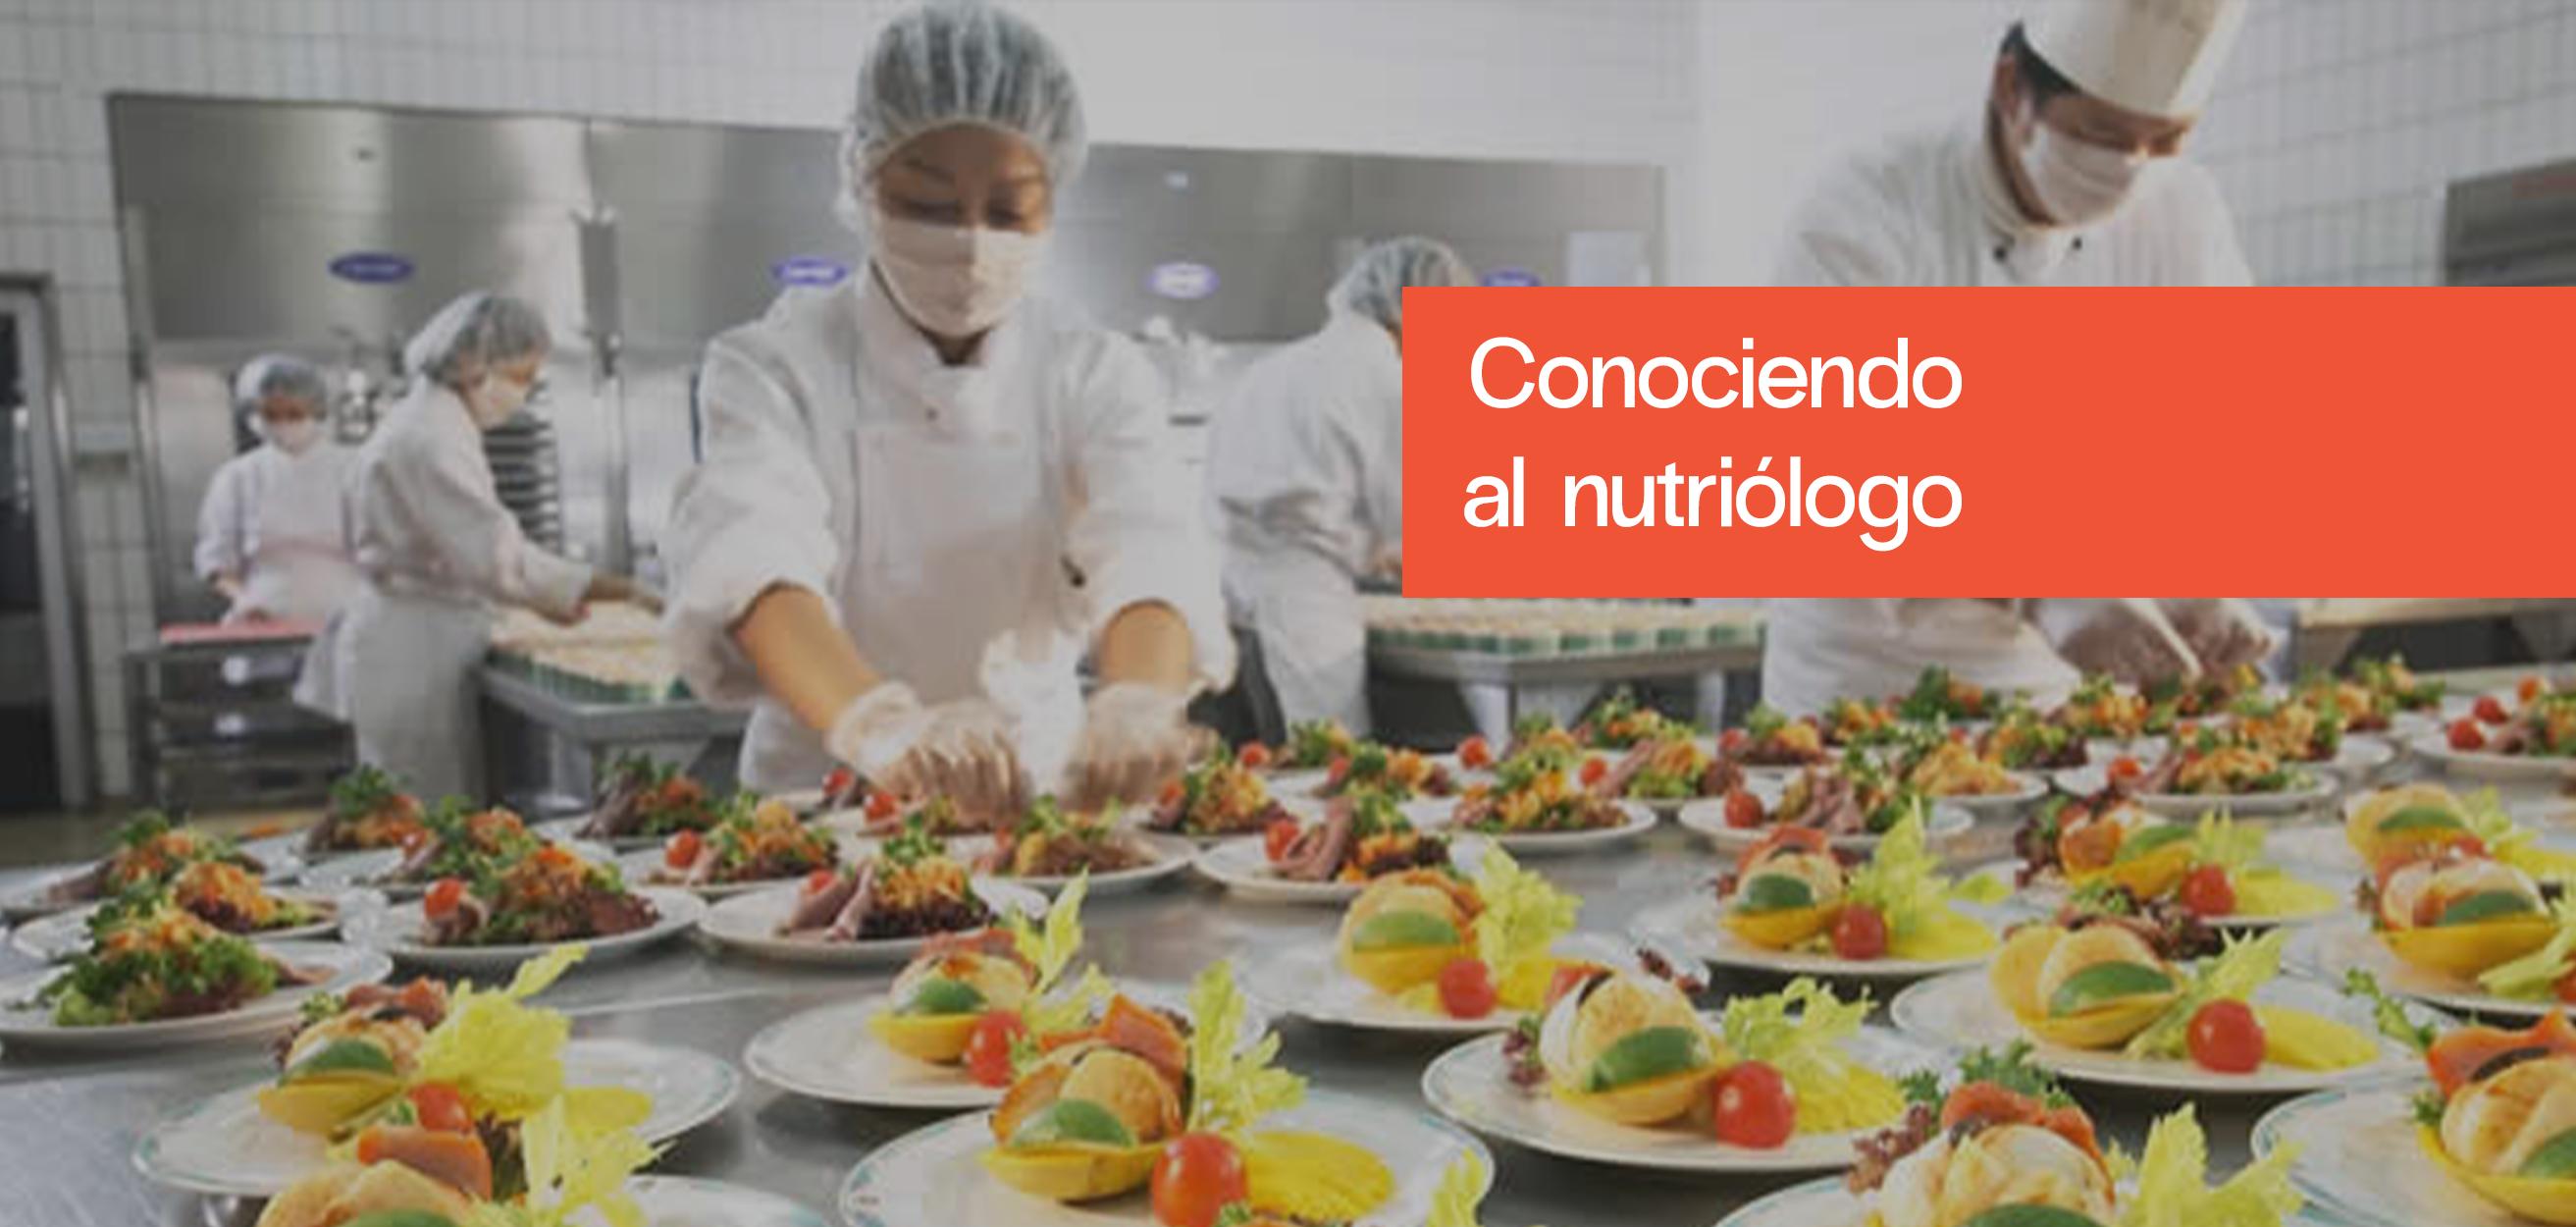 Áreas de especialidad del nutriólogo: servicios de alimentación